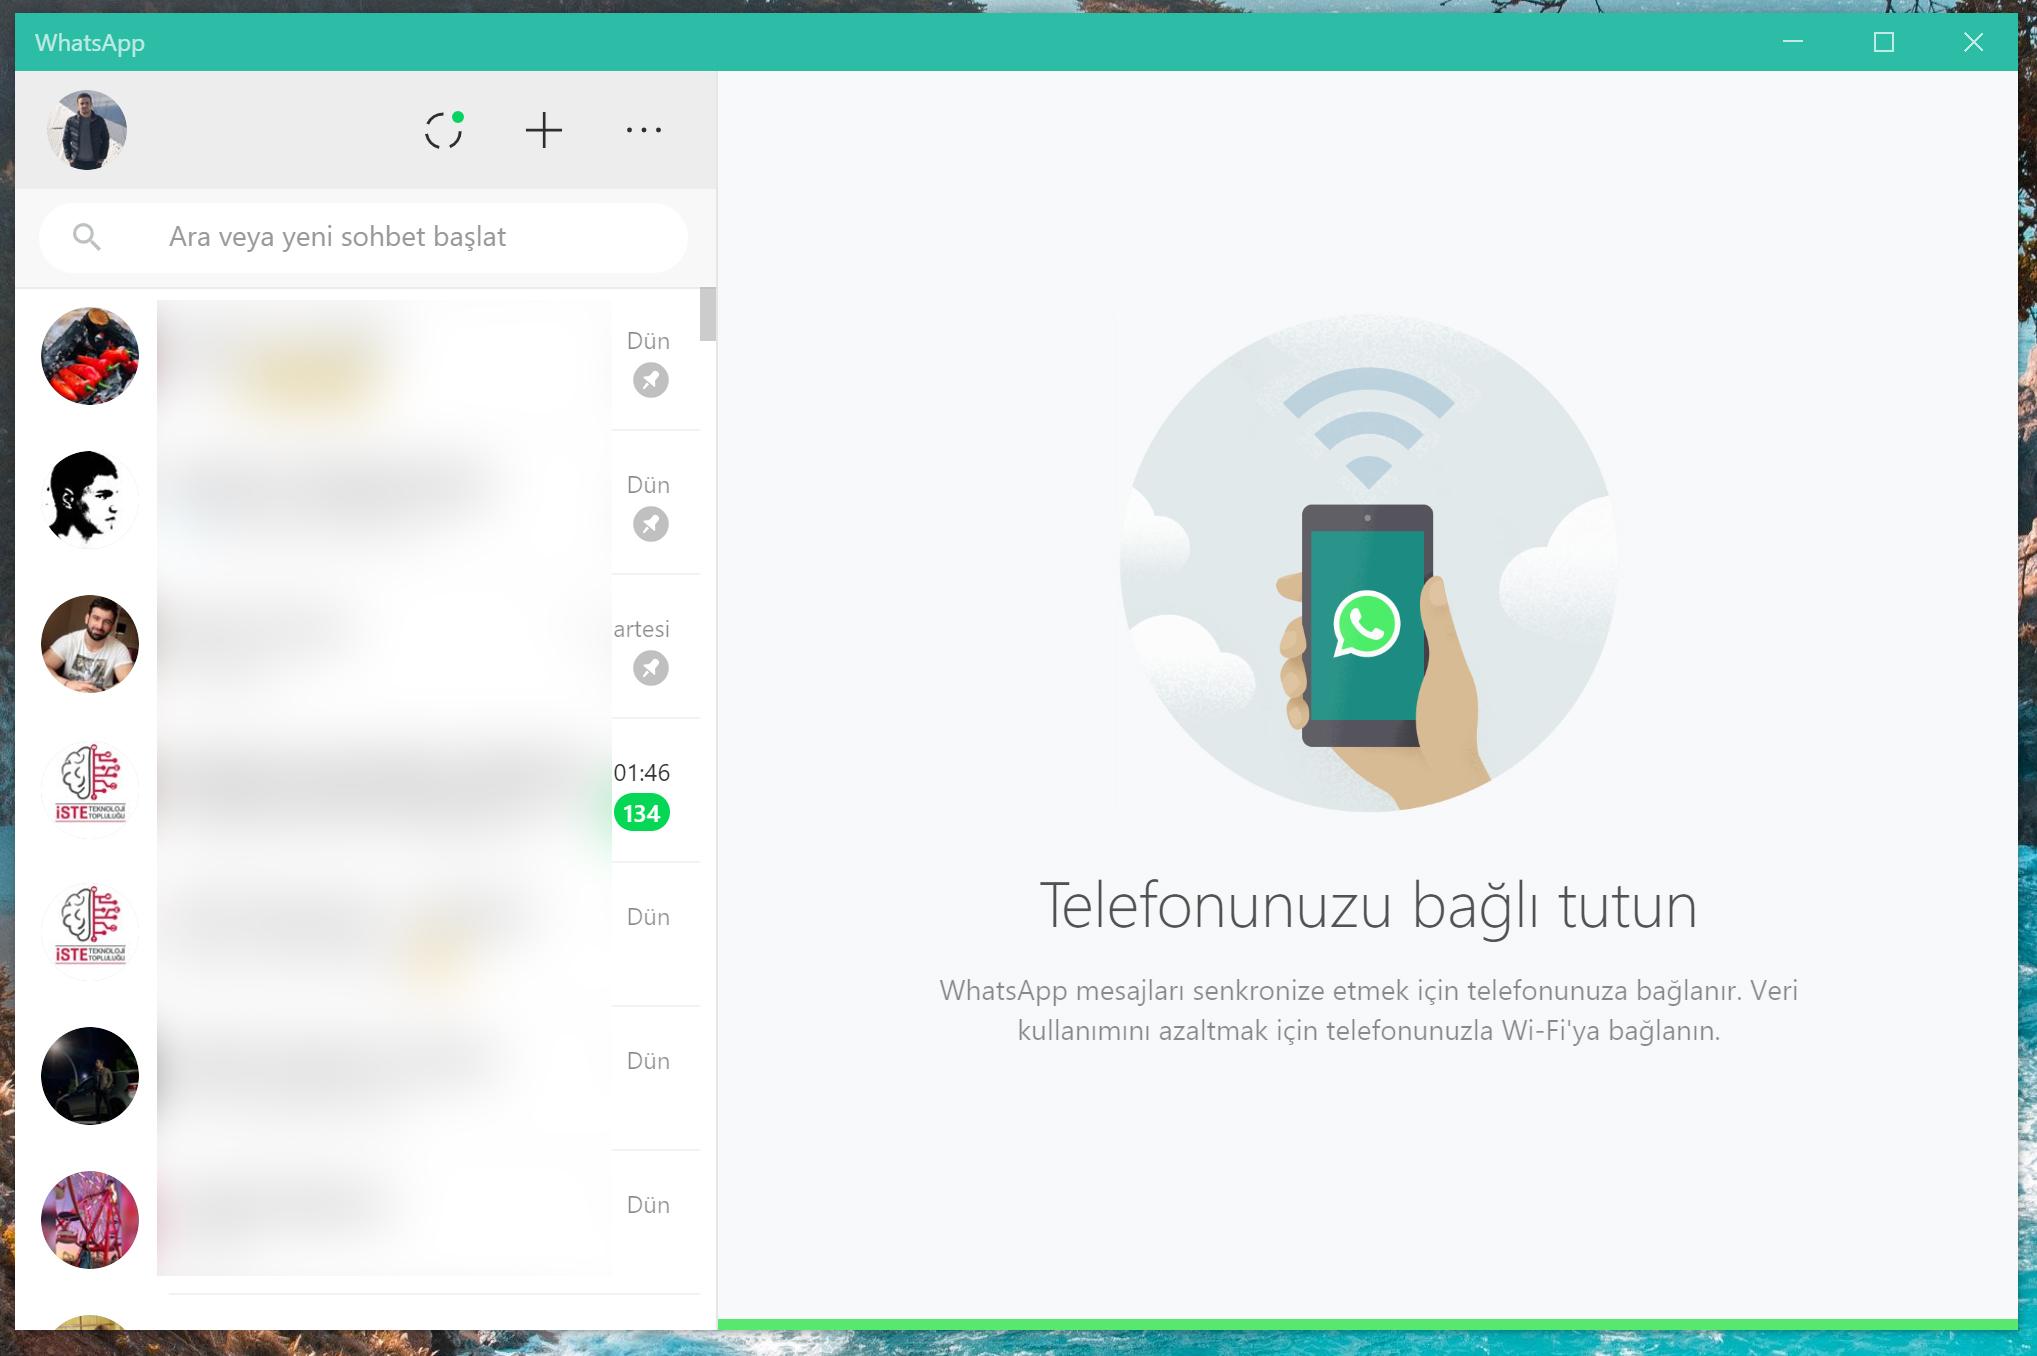 whatsapp-web-dosyalara-erisime-izin-veren-hatayi-duzeltti-3